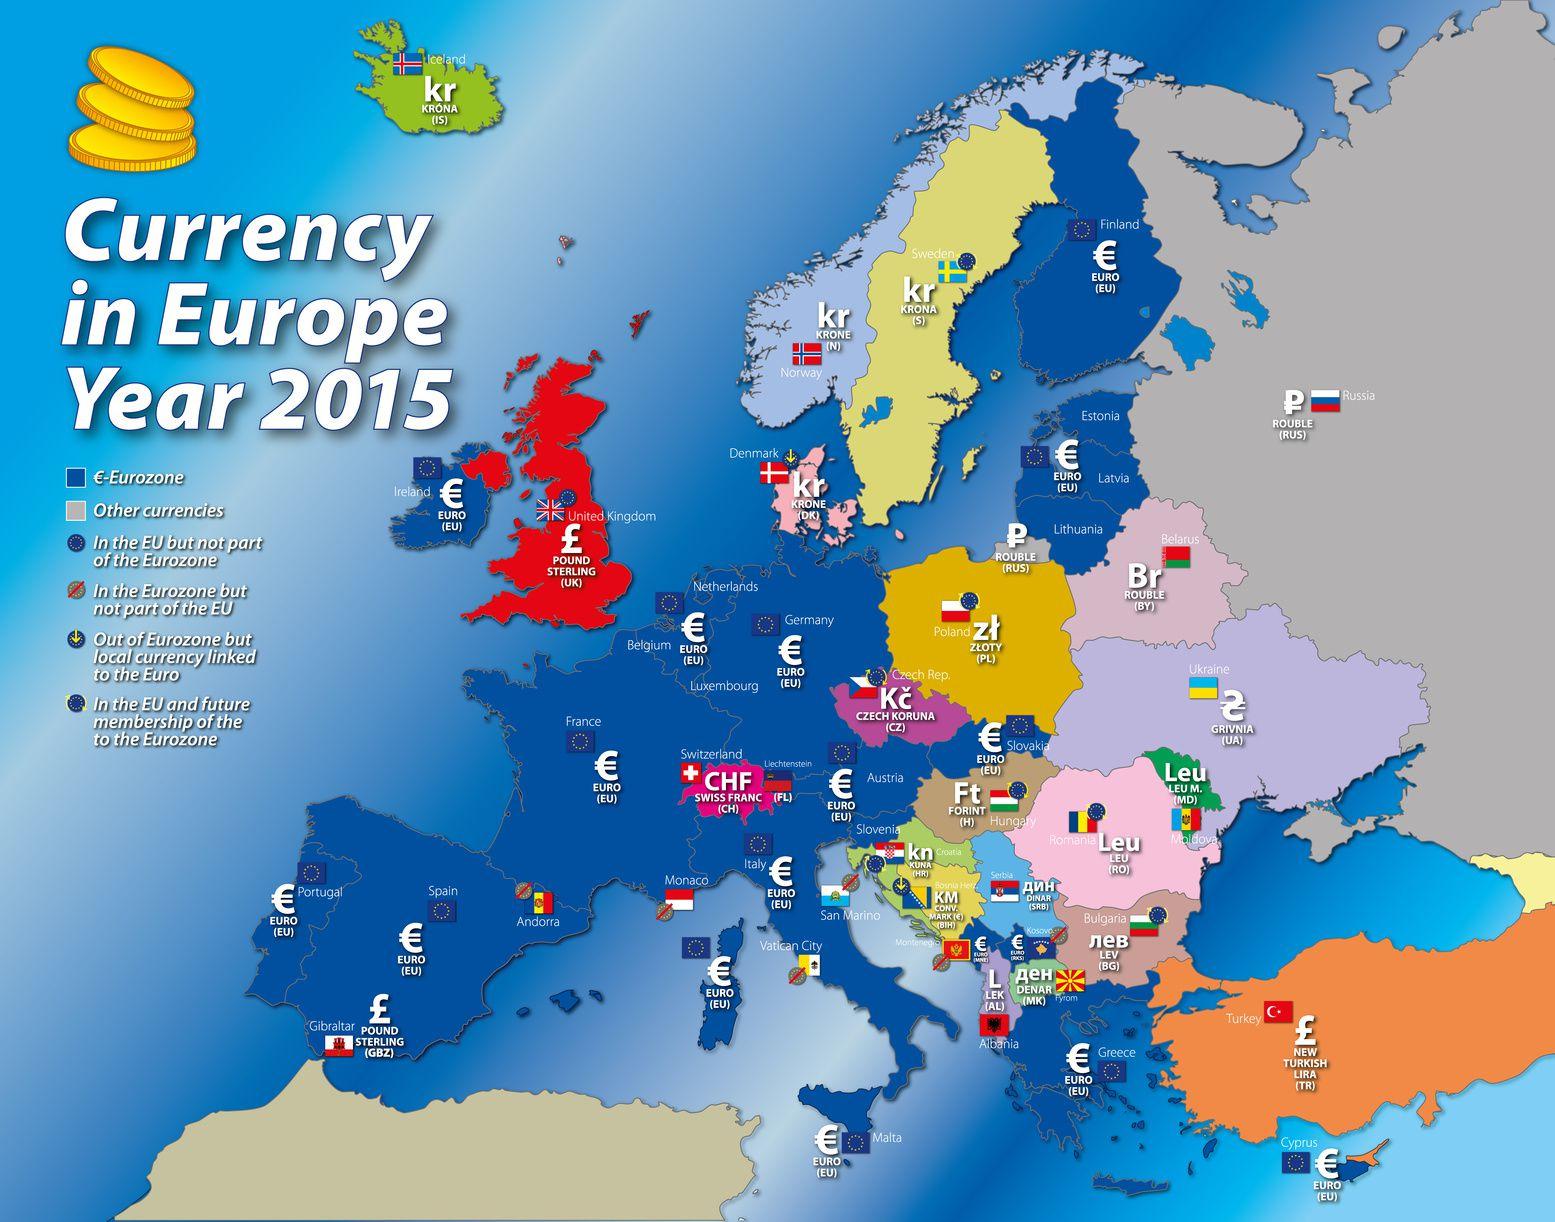 Carte De L'europe - Cartes Reliefs, Villes, Pays, Euro, Ue dedans Carte Union Européenne 2017